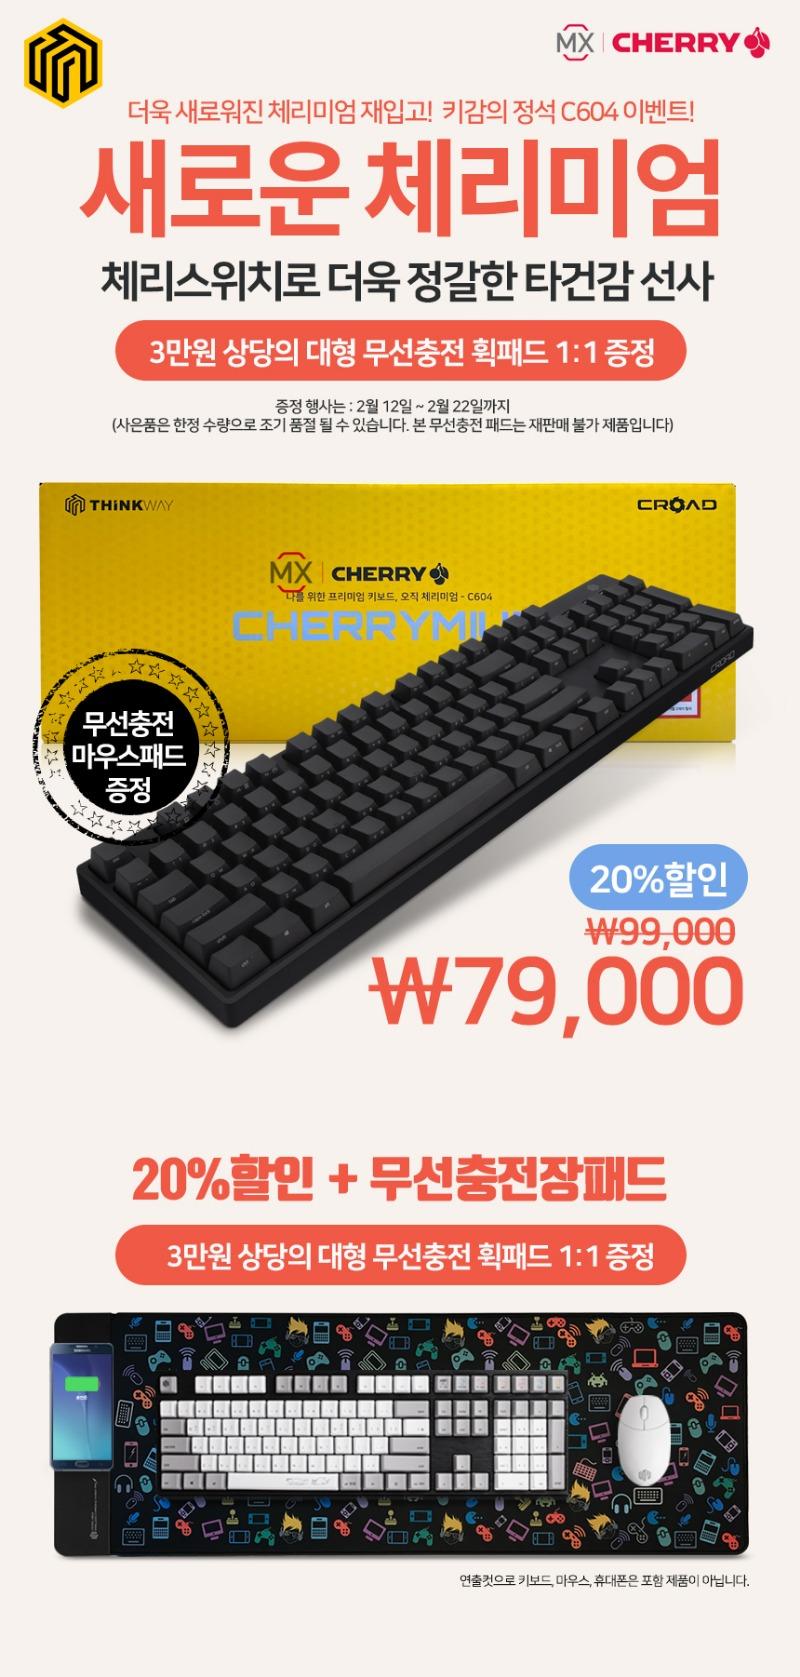 c604-860x200212.jpg